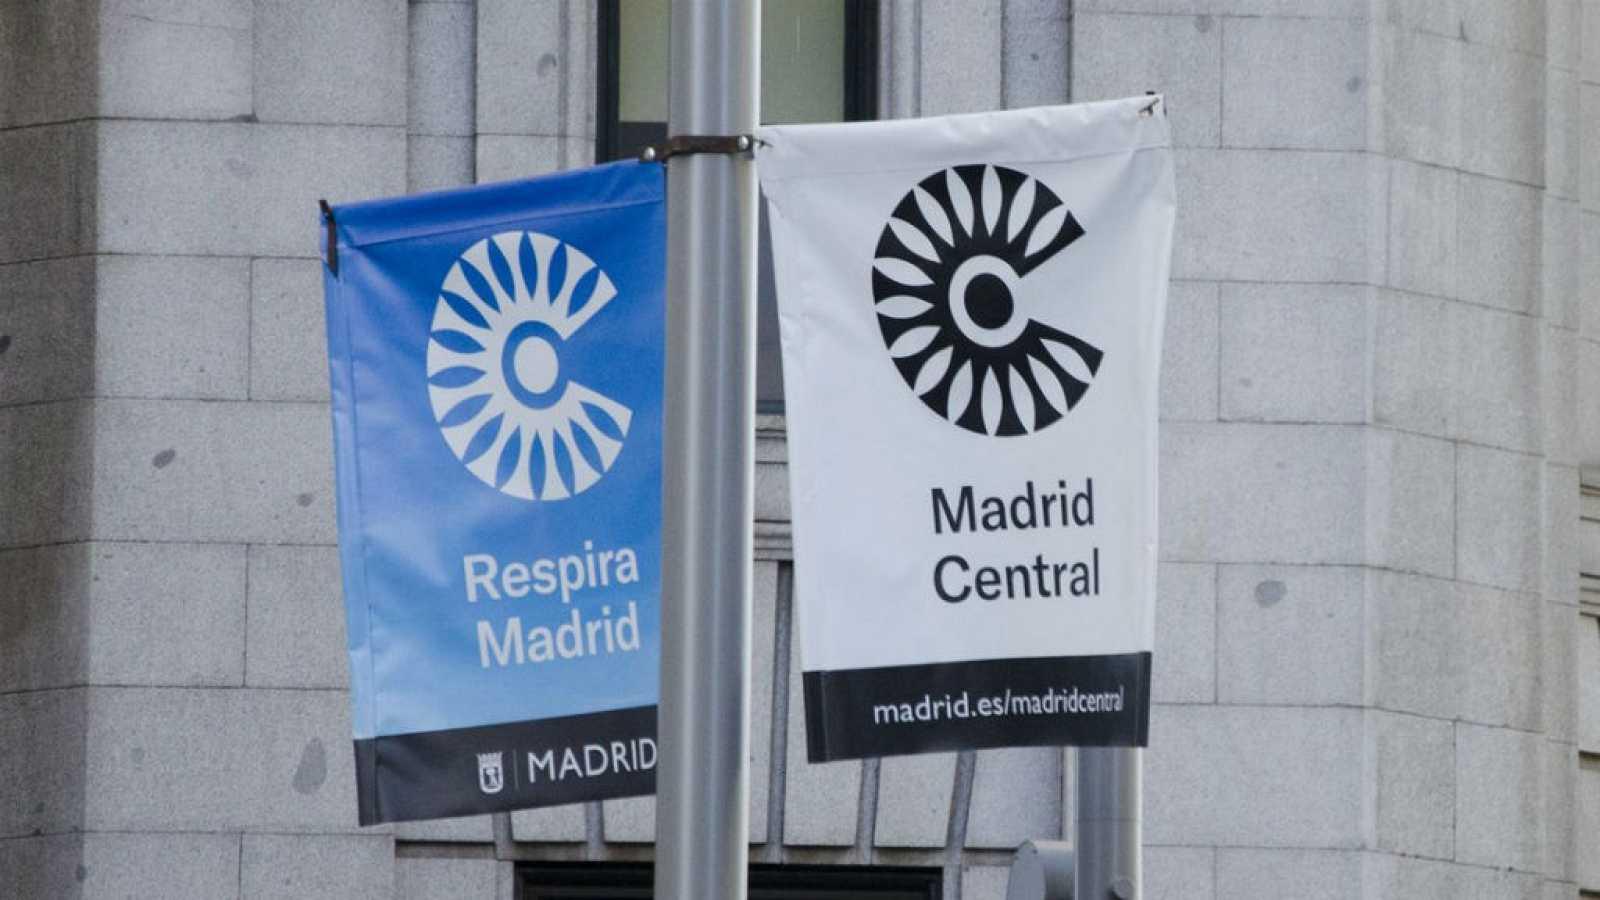 14 horas - Bruselas denunciará a España ante la justicia europea por la contaminación en Madrid y Barcelona - escuchar ahora